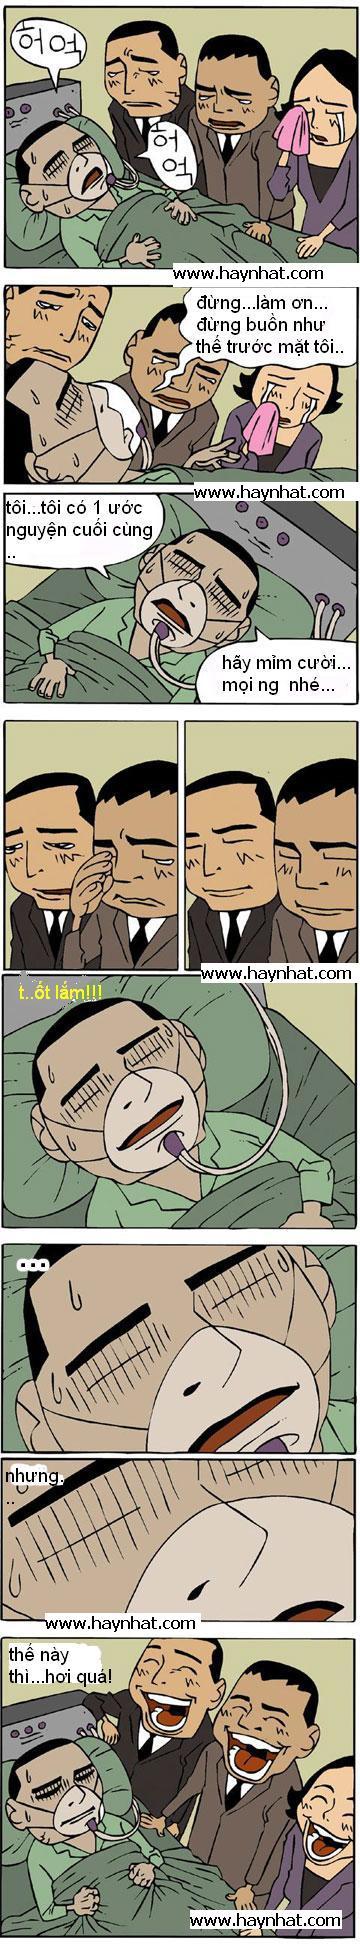 Đừng khóc!